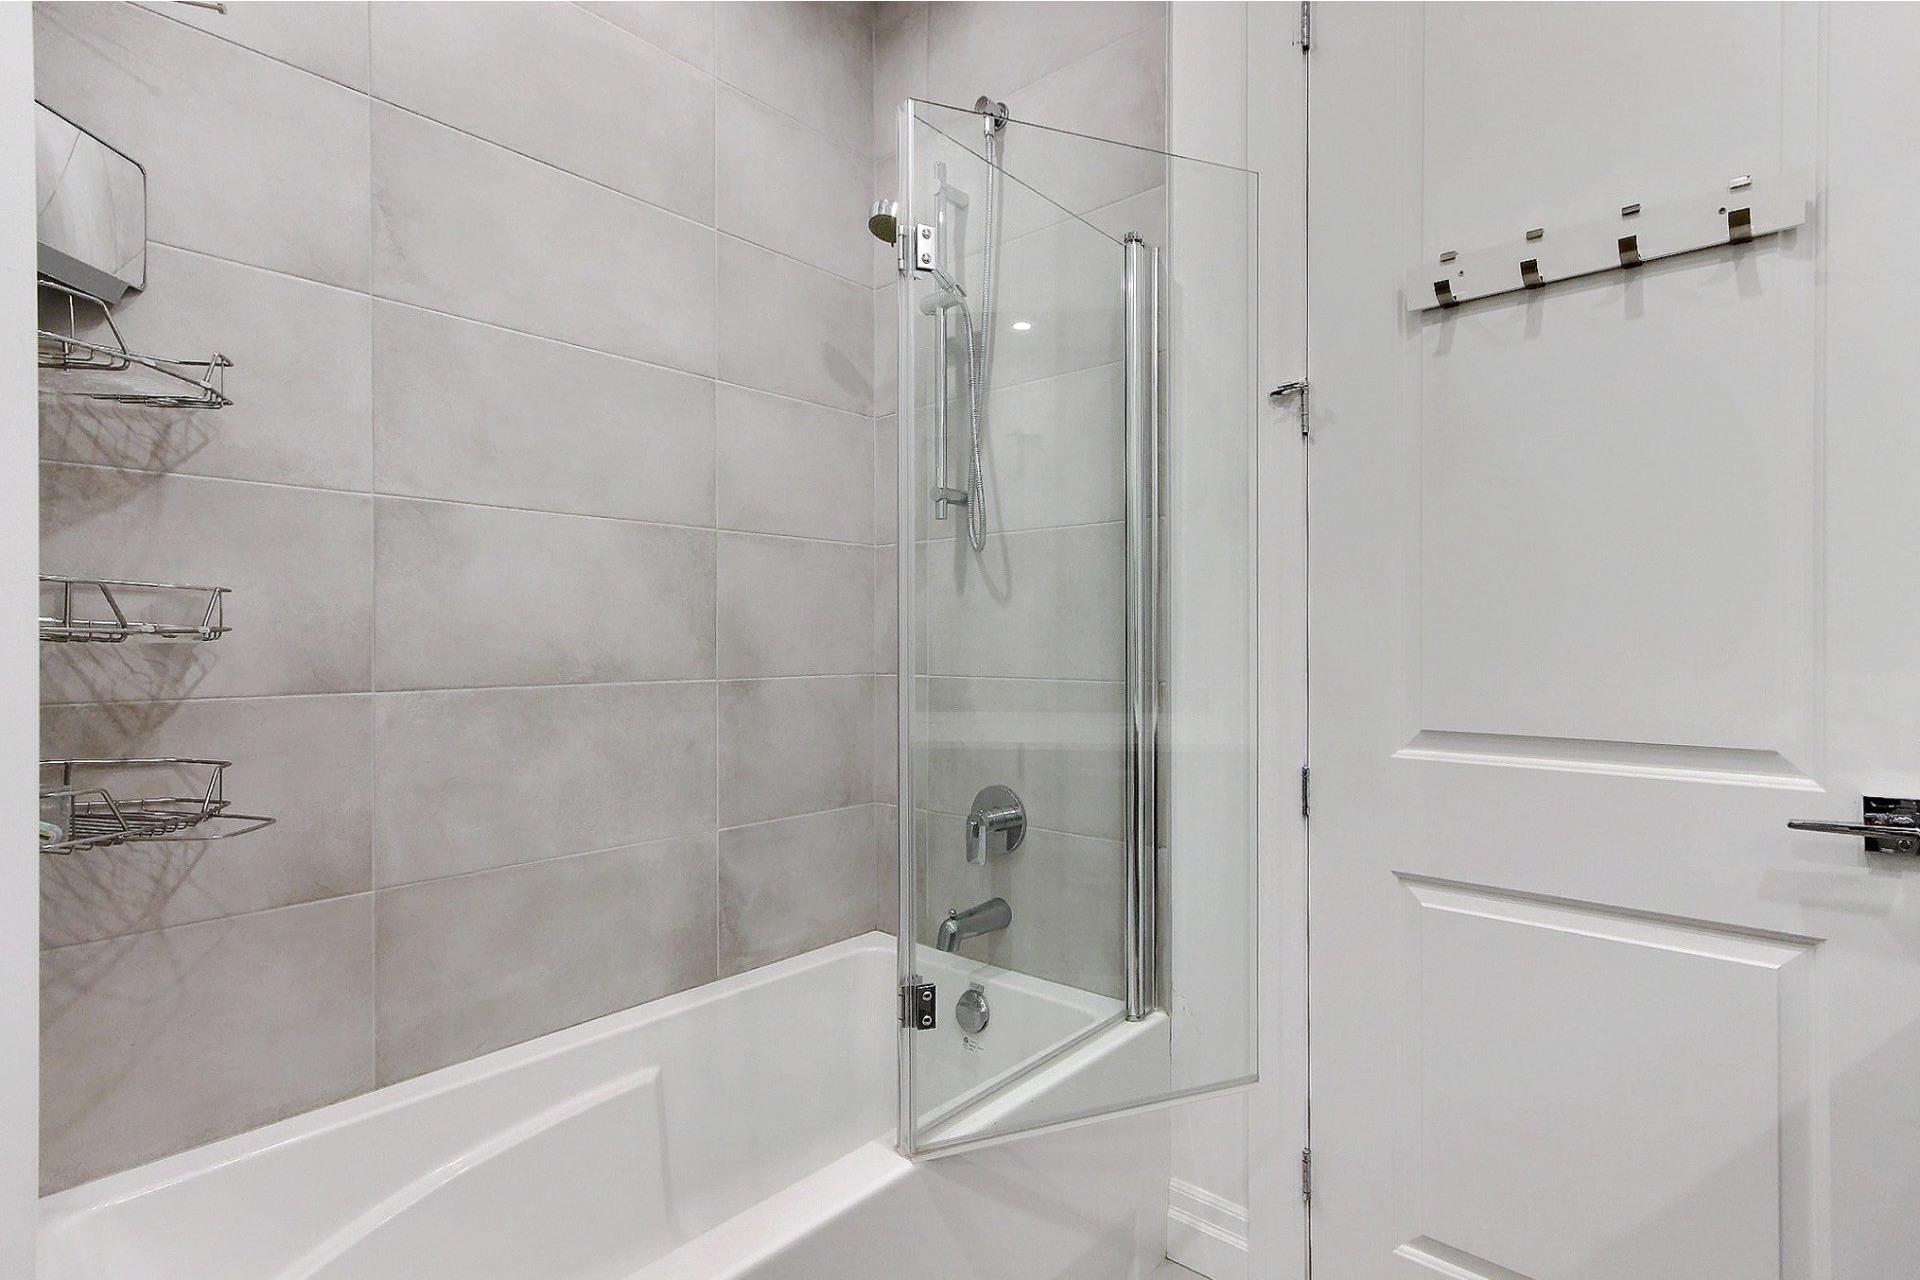 image 14 - Appartement À vendre Sainte-Foy/Sillery/Cap-Rouge Québec  - 7 pièces